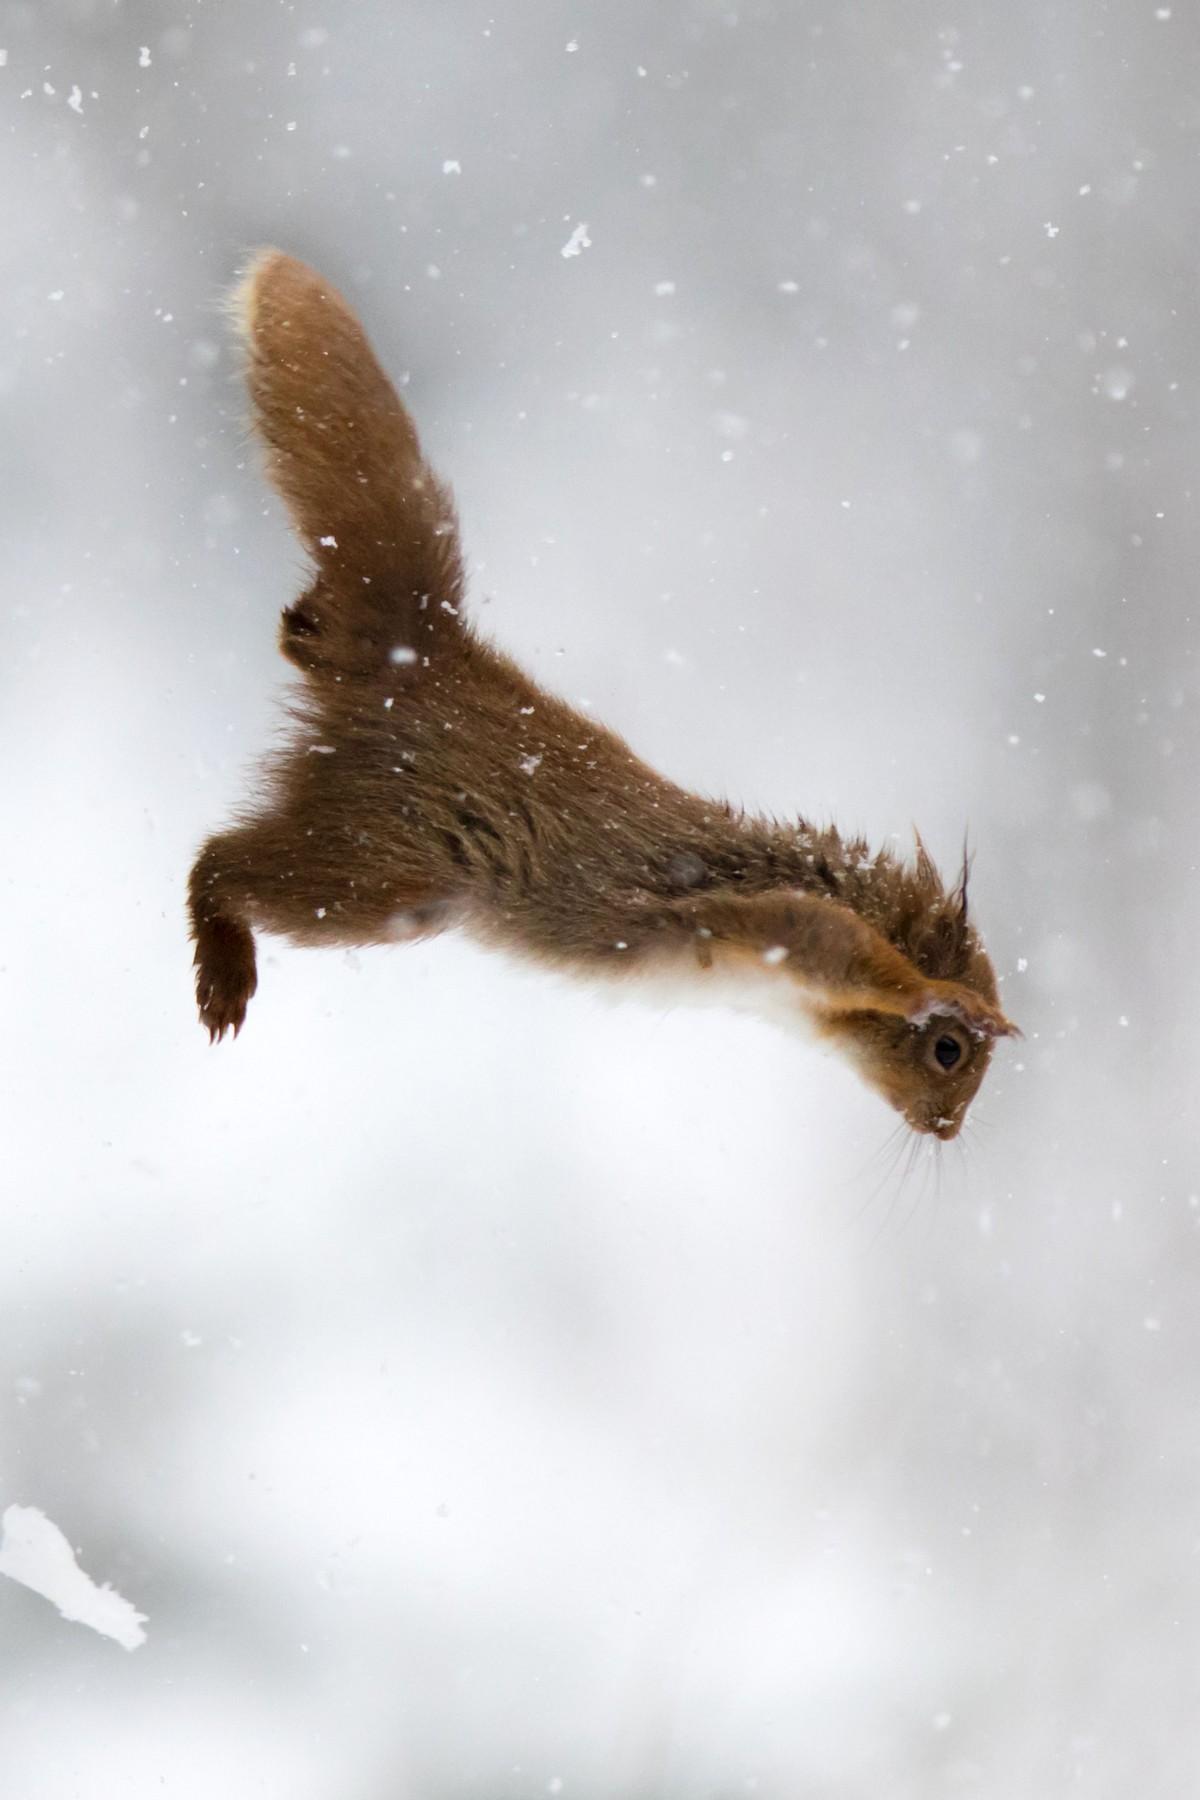 Невероятные фотографии с животными в прыжке